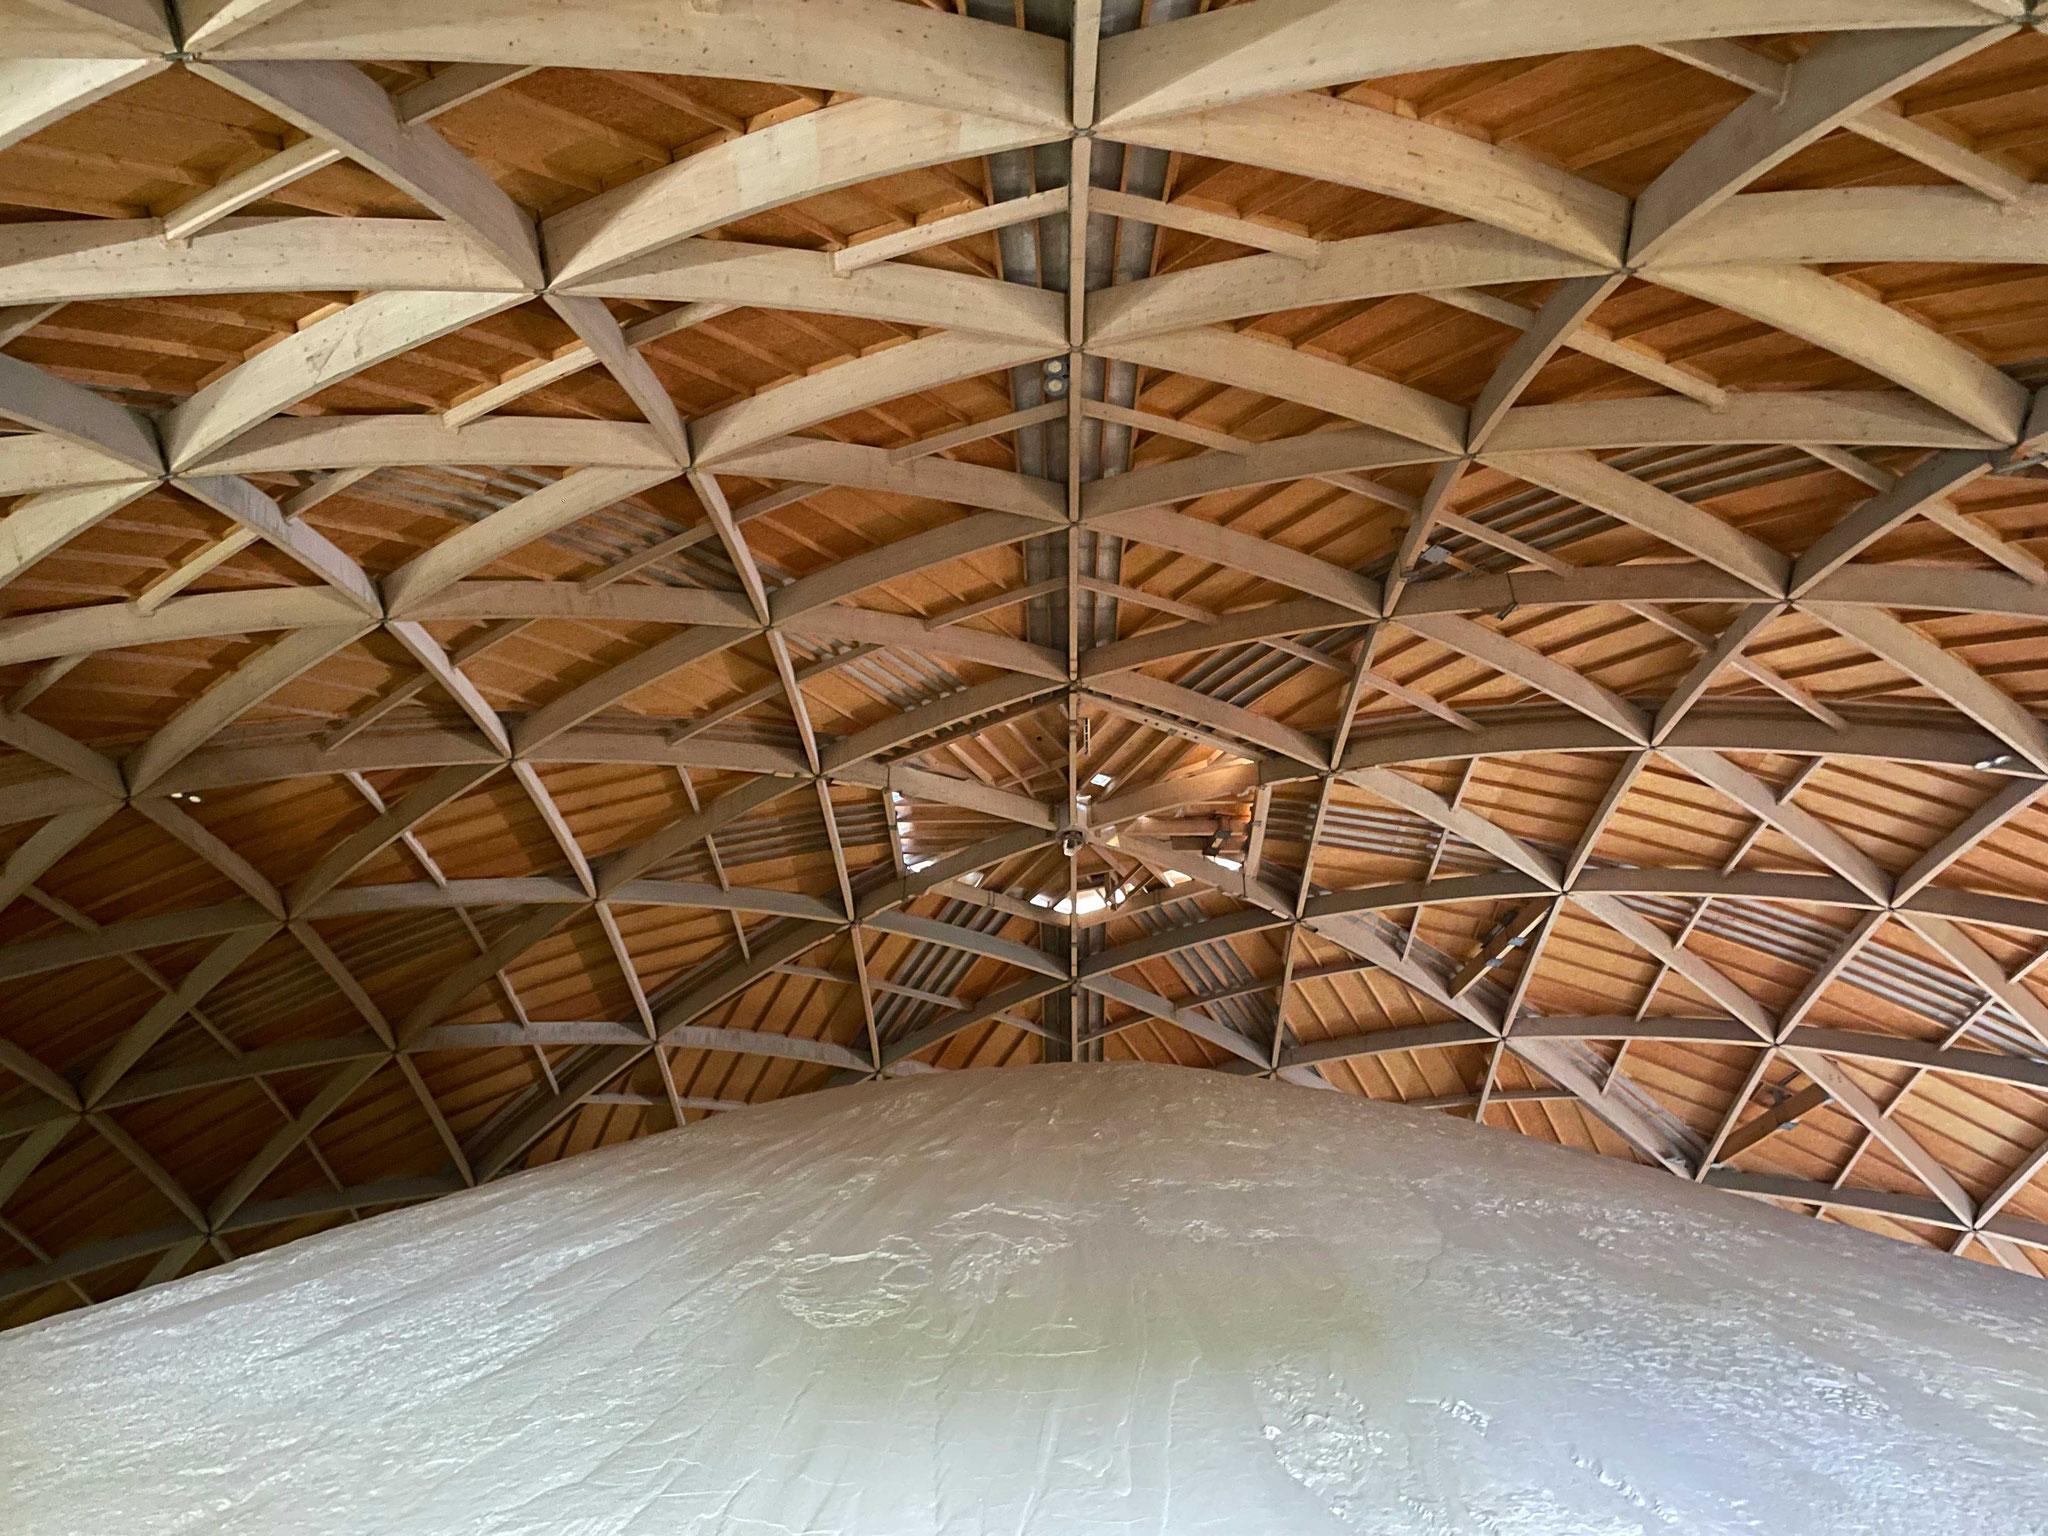 Eindrückliche Holzkonstruktion / Ø 120m / Höhe: 32m / Holzkonstruktion: 1300m3 Holz oder 500 Bäume